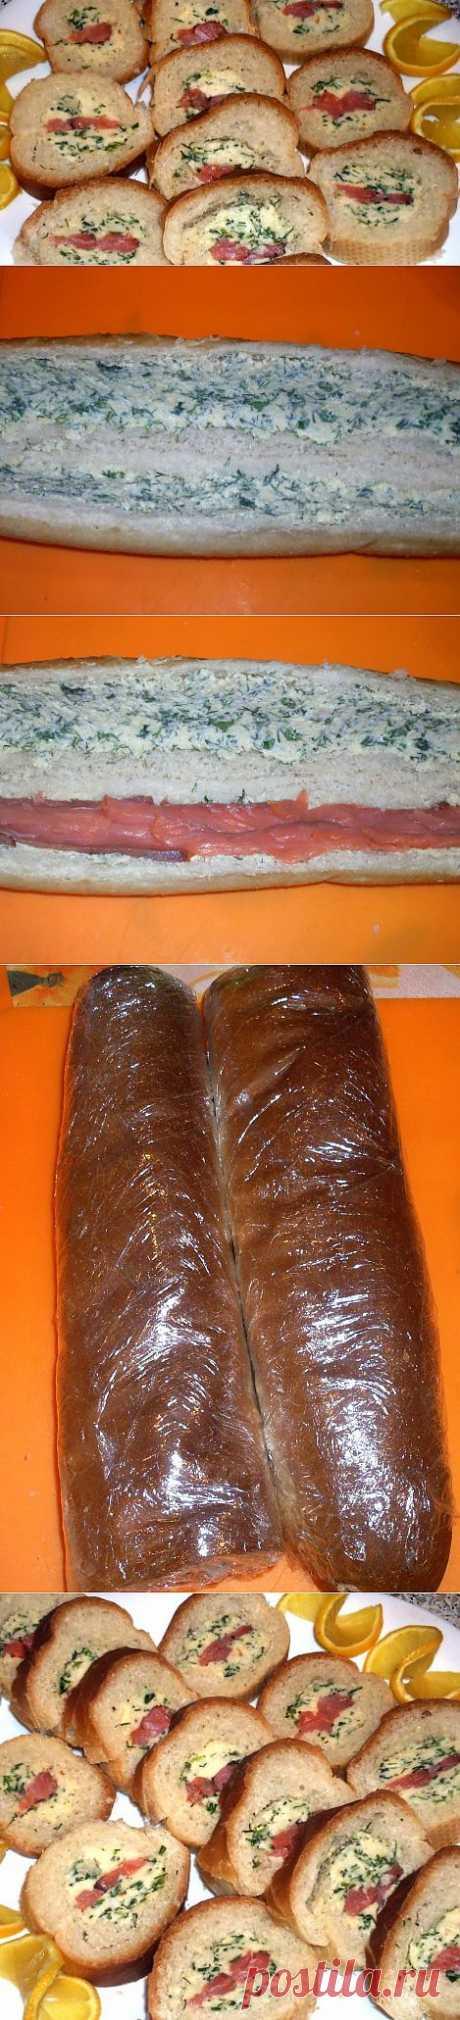 Обычные-необычные бутеры или сёмга в багете | Четыре вкуса